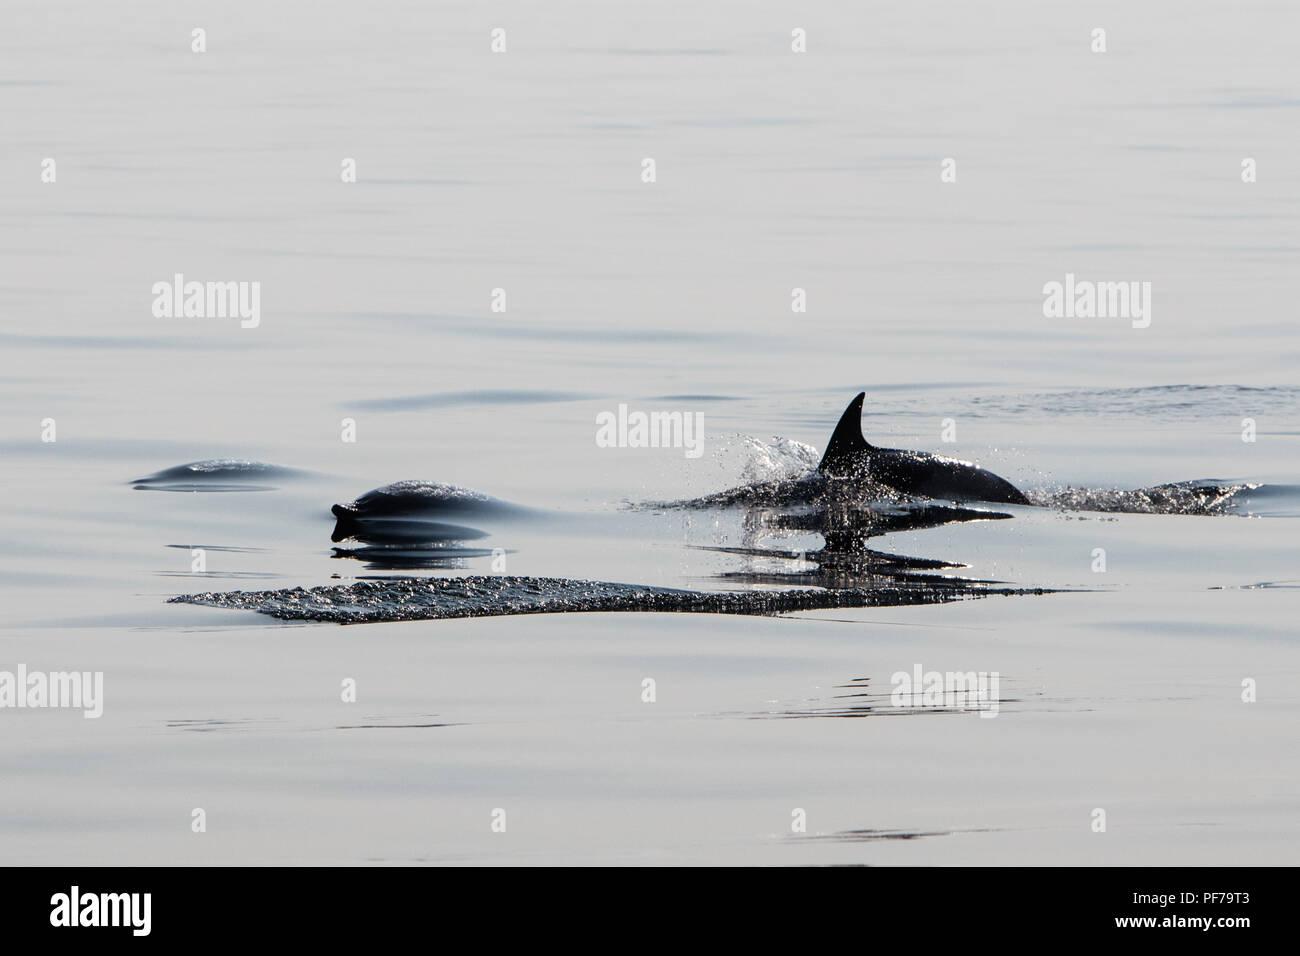 Veloce e agile Short-Beaked delfini comuni, Delphinus delphis, nuotare nell'Oceano Atlantico al largo di Capo Cod, Massachusetts. Immagini Stock